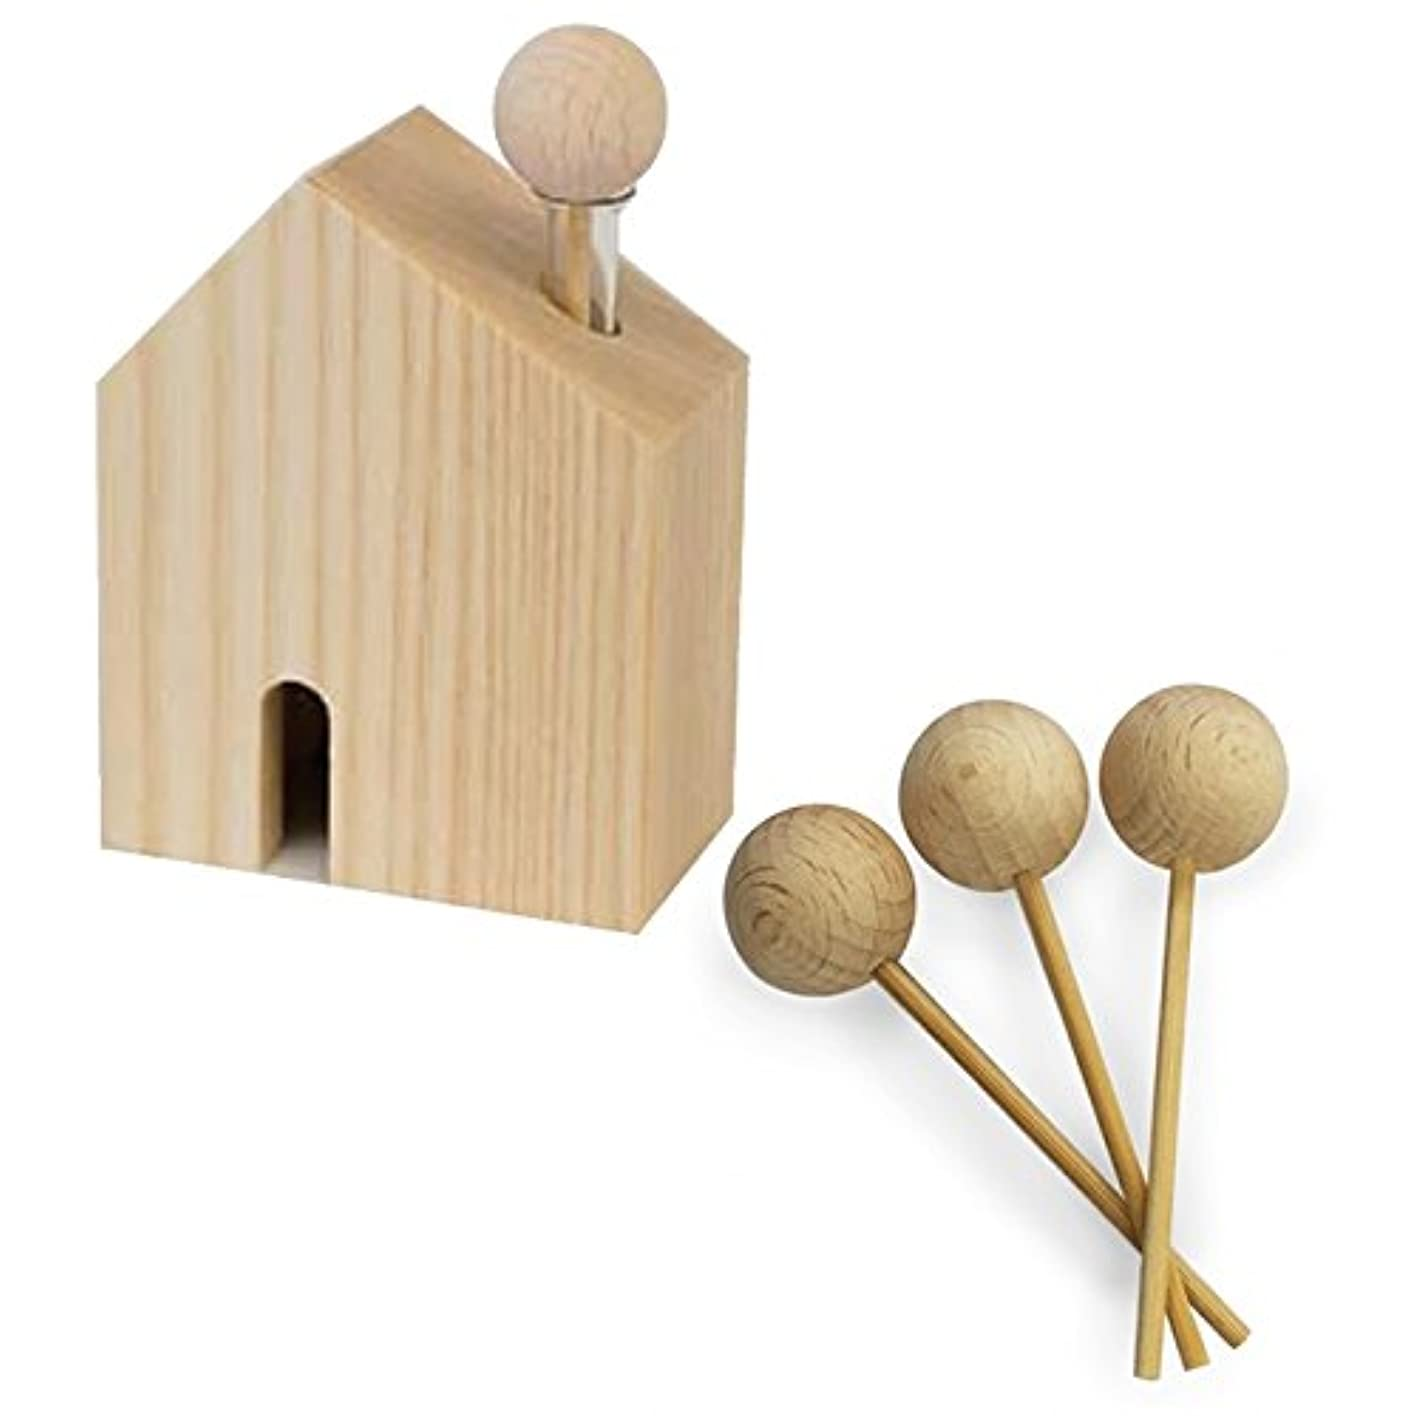 連続的ゴミ箱豊富HARIO ハリオ アロマ芳香器 木のお家 交換用木製スティック3本付